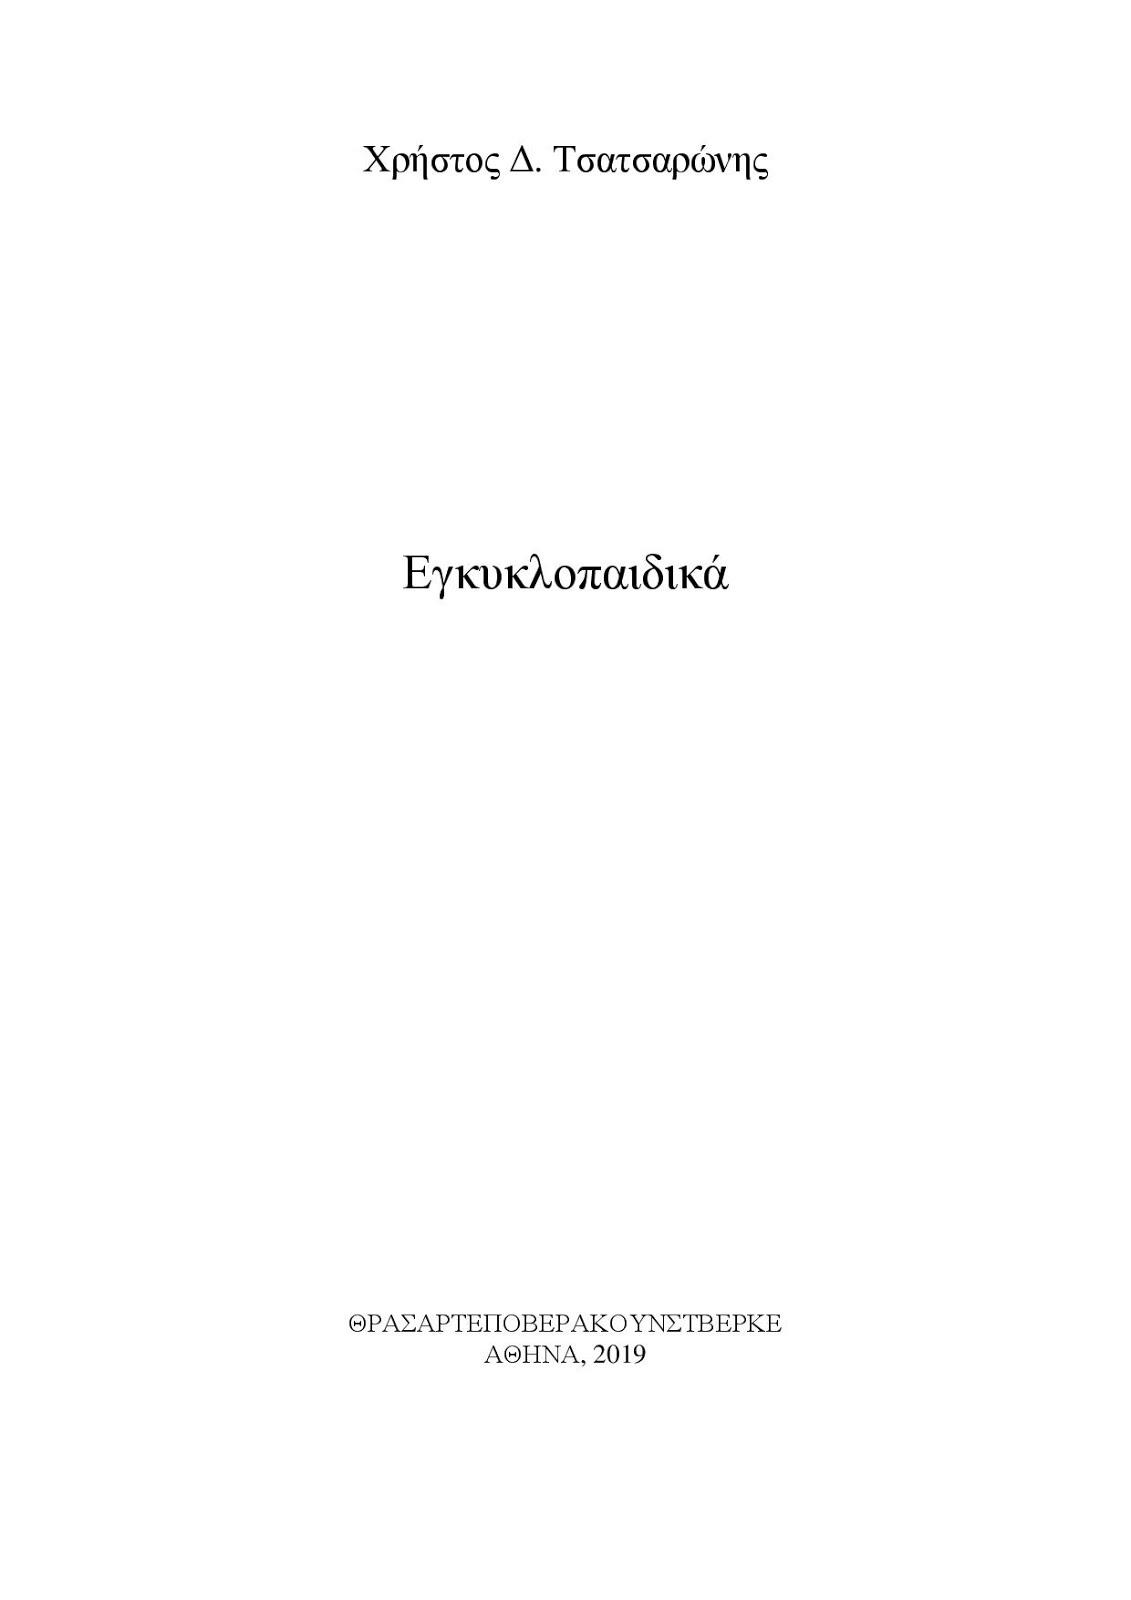 Εγκυκλοπαιδικά - Χ.Δ.Τ.